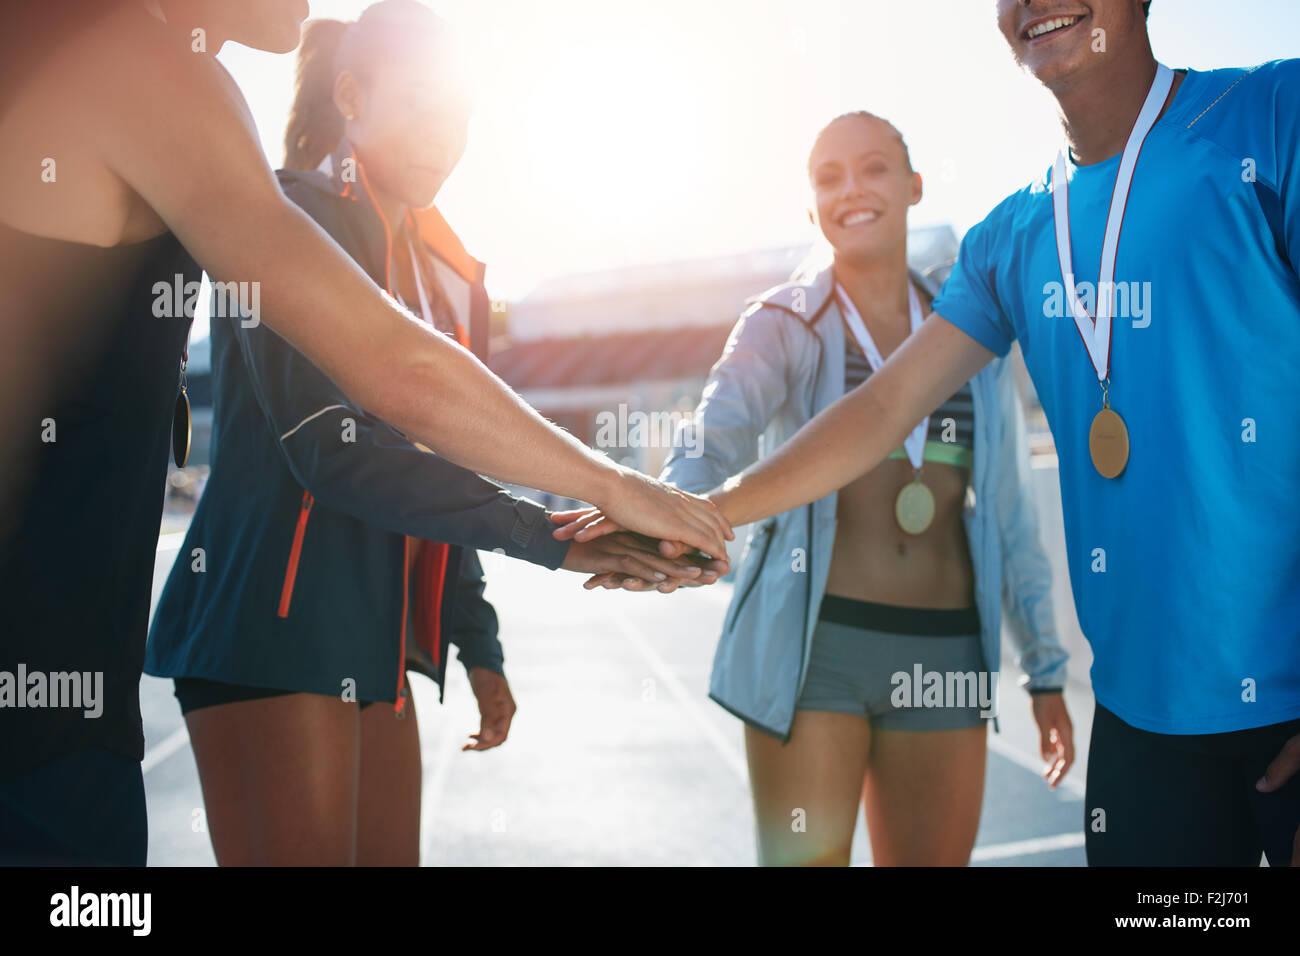 La foto de un grupo de jóvenes deportistas con medallas hinca sus manos mientras está de pie en un grupito. Imagen De Stock